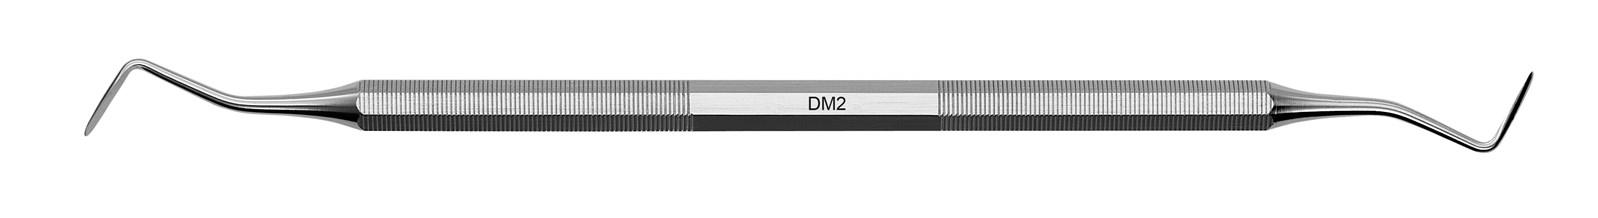 Lžičkové dlátko - DM2, ADEP růžový